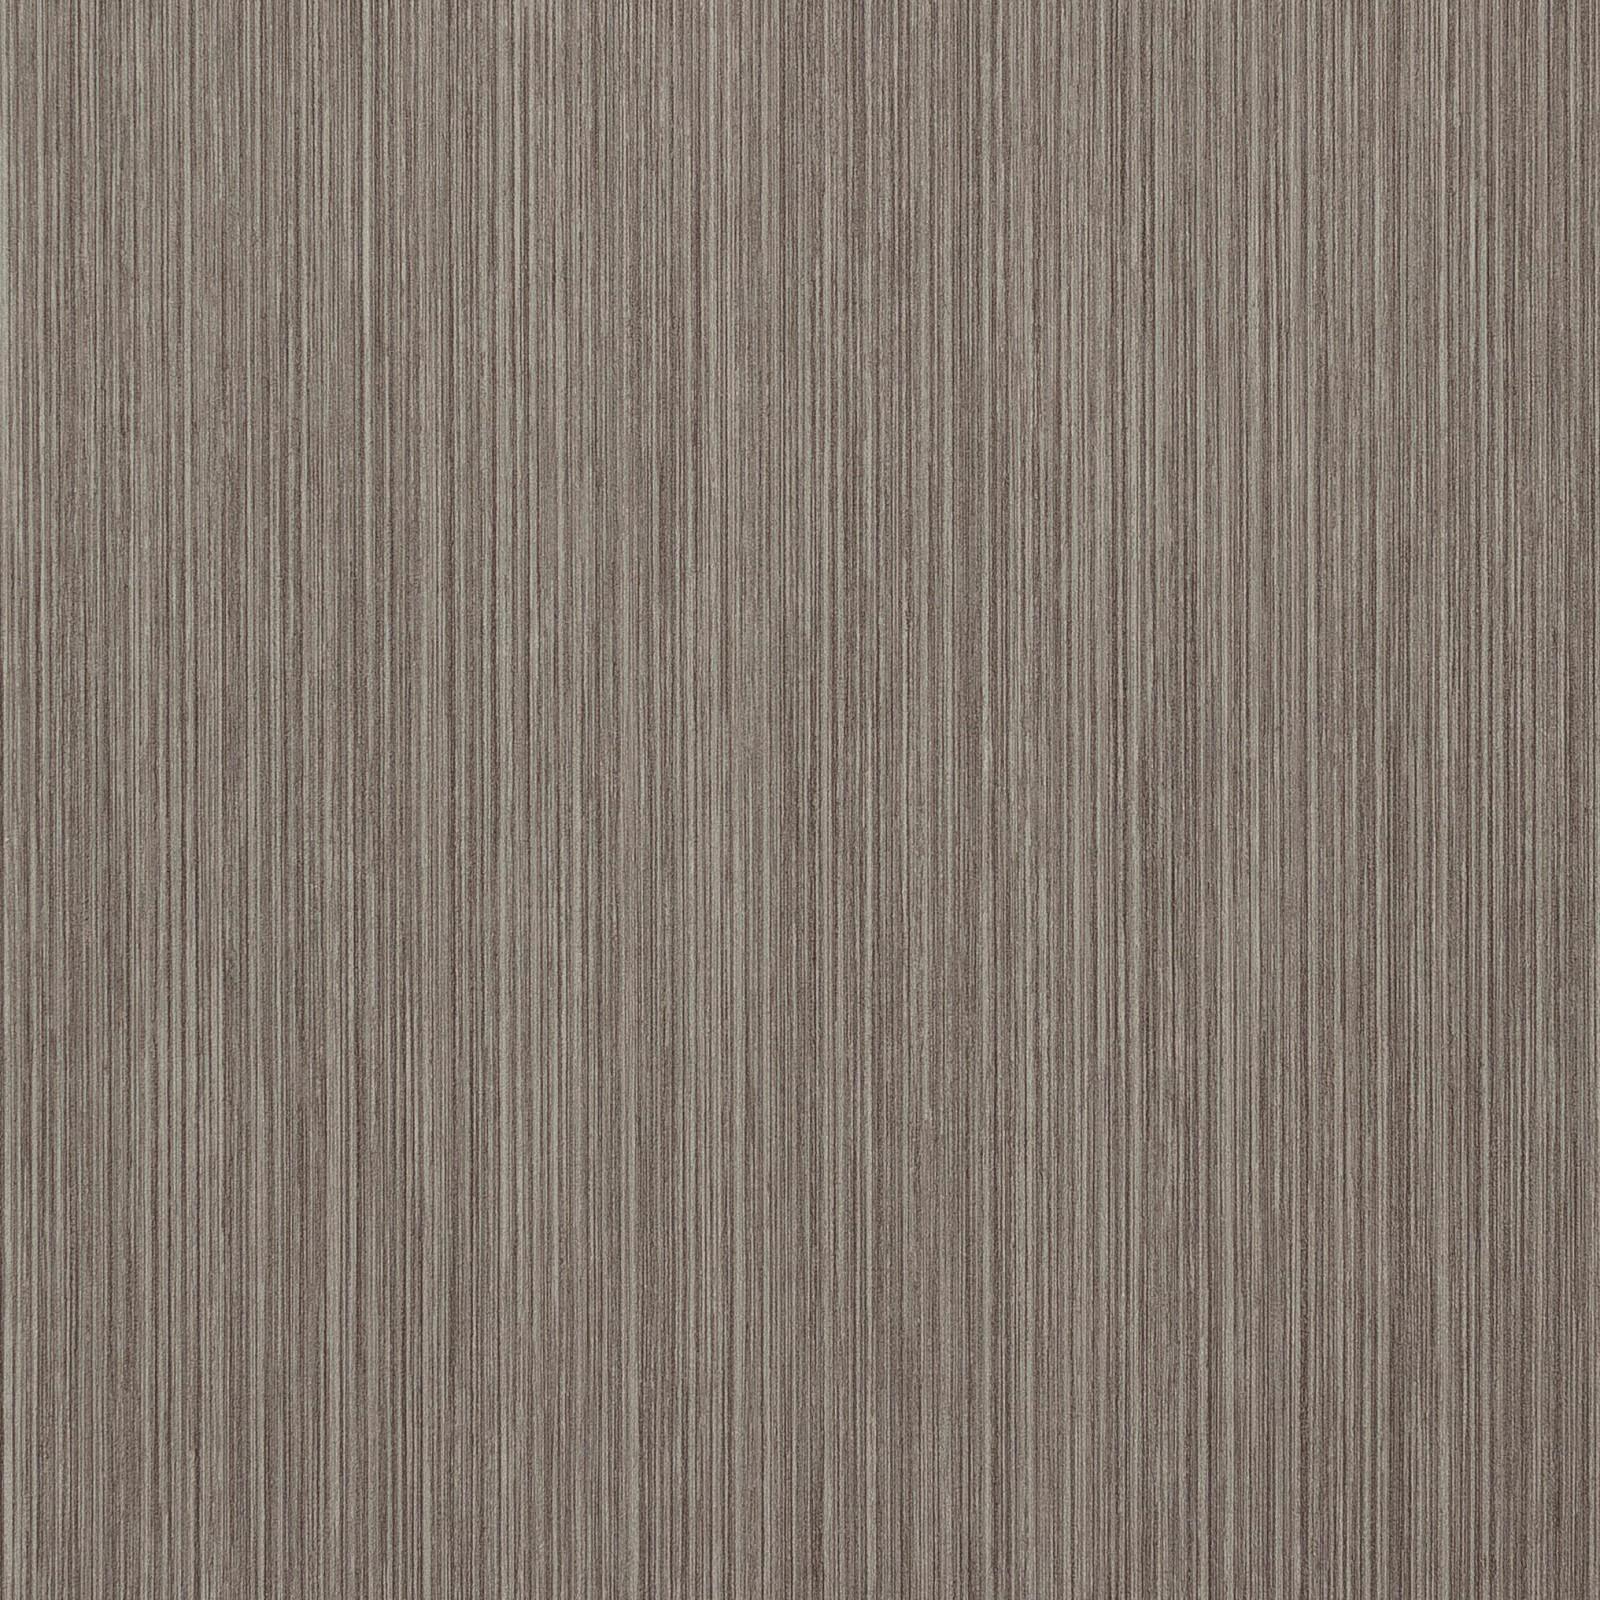 vliestapete grau braun streifen perfecto rasch781489. Black Bedroom Furniture Sets. Home Design Ideas